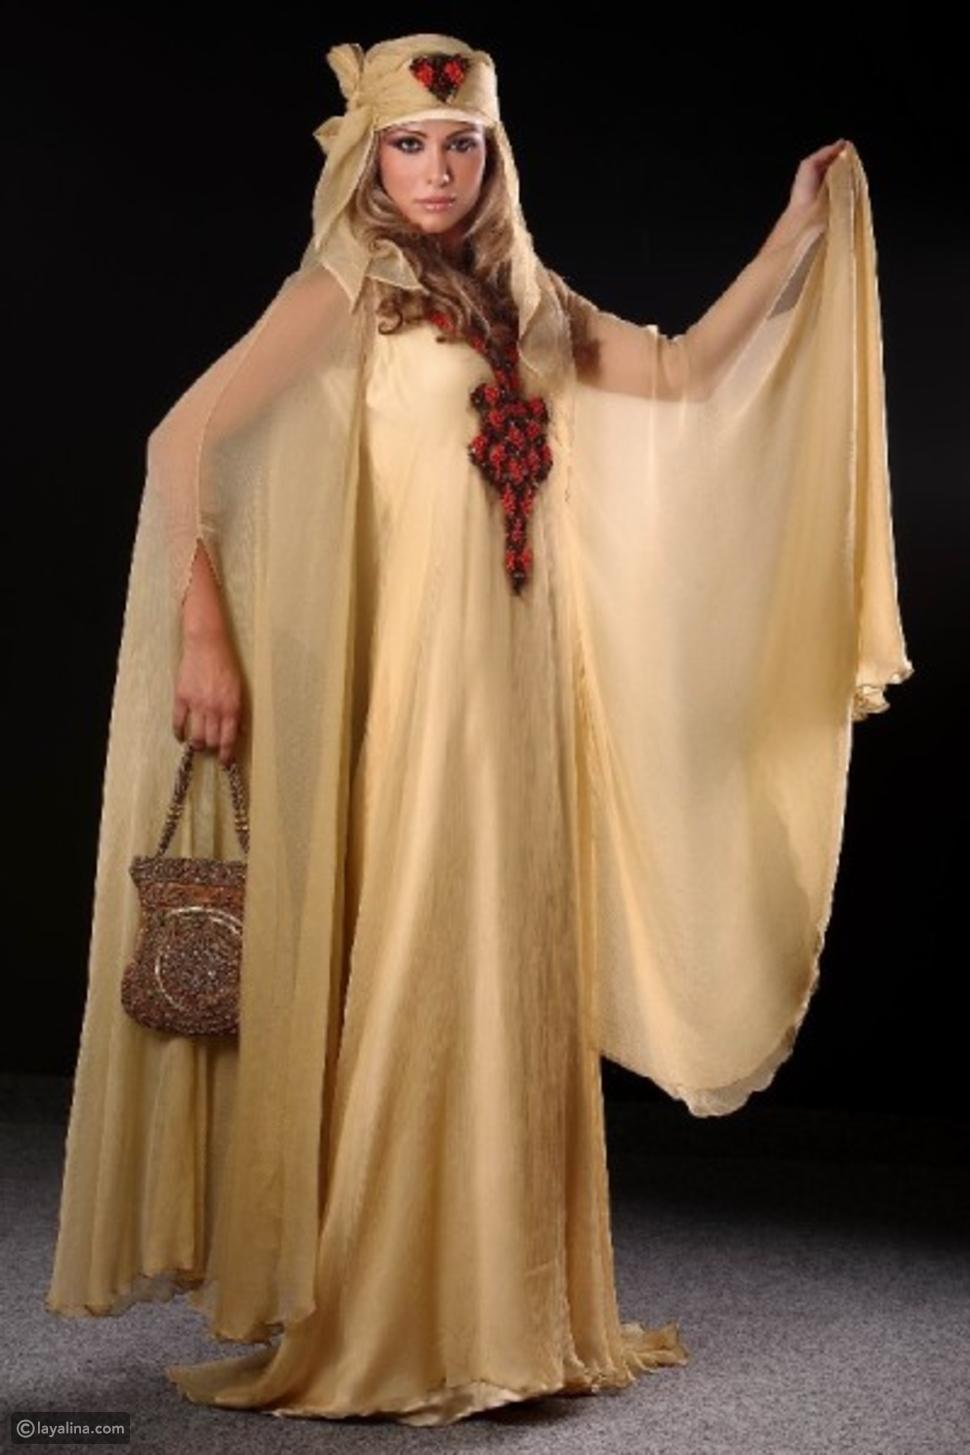 خيارات أزياء العروس في حفلة الحناء وسهرة كتب الكتاب (المِلكة)